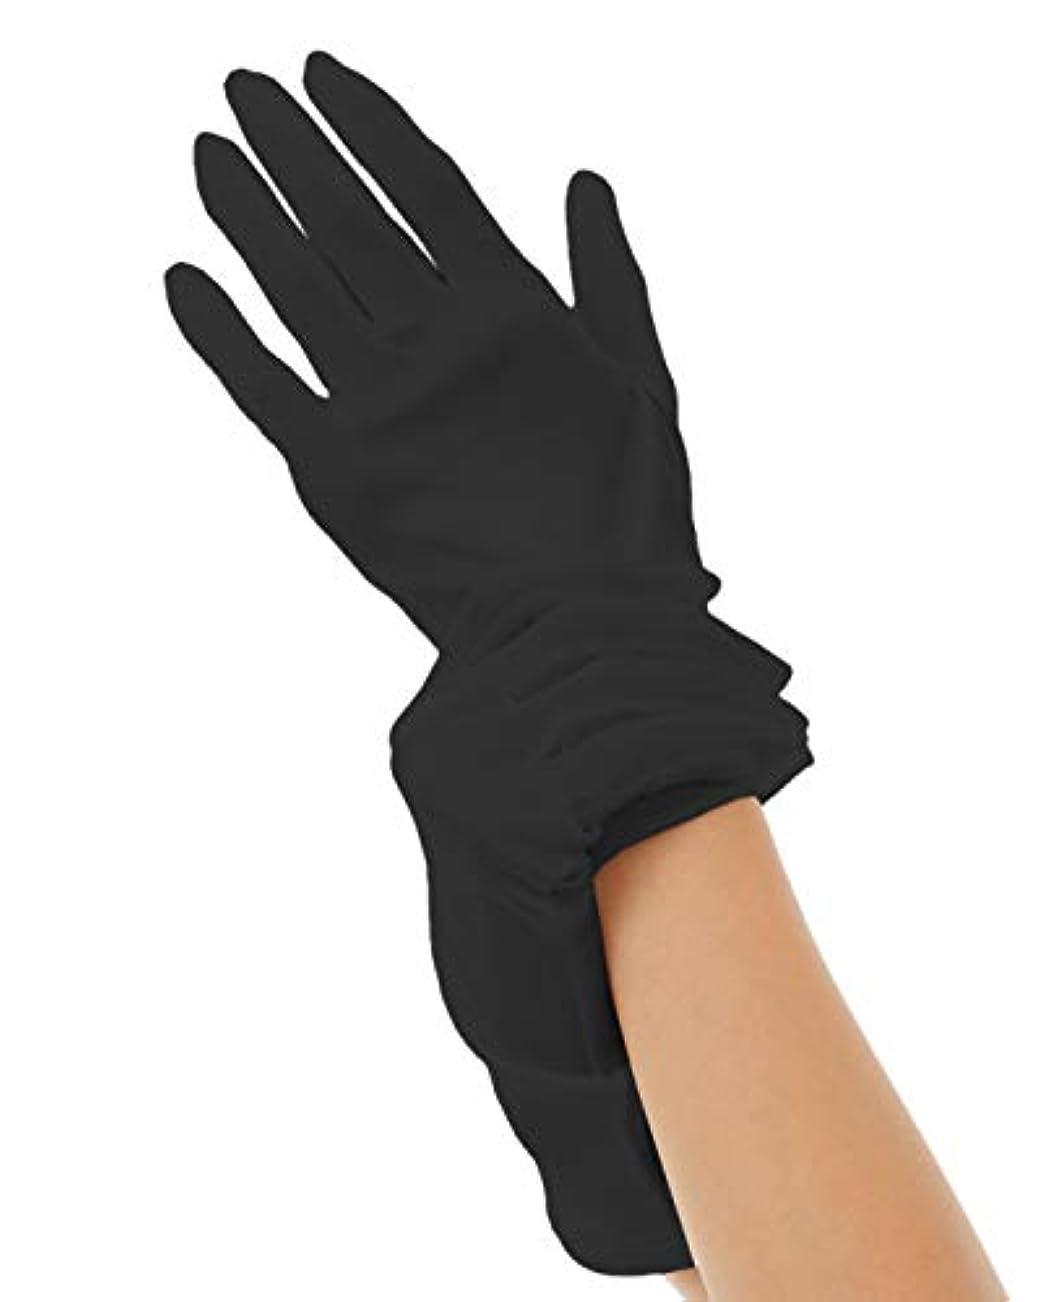 トマト酸ハンマーハンドケア シルク 手袋 Silk 100% おやすみ スキンケア グローブ うるおい 保湿 ひび あかぎれ 保護 上質な天然素材 (M, ブラック)